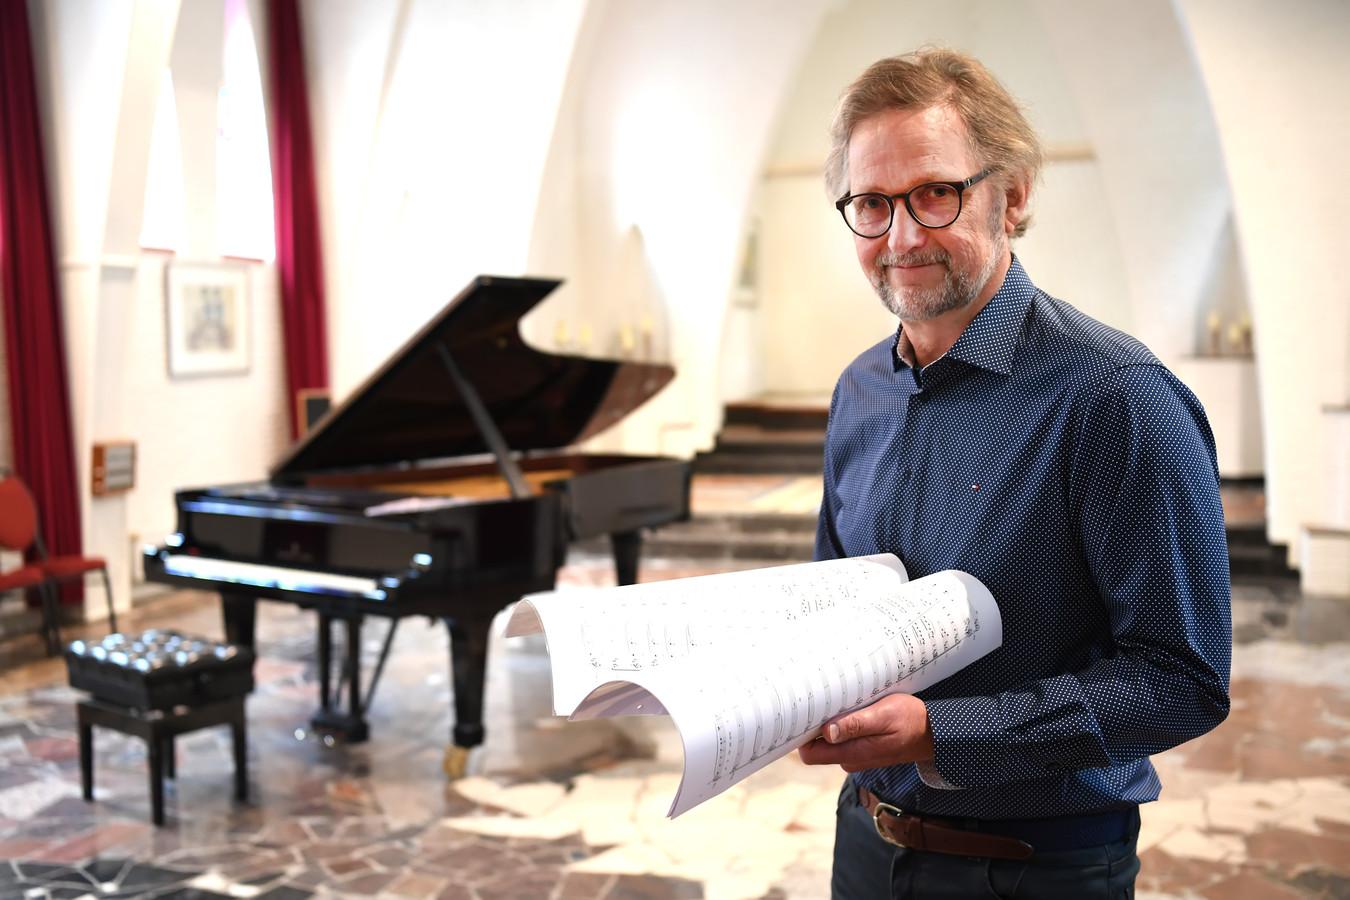 Componist Maarten Hartveldt, die al jaren in de clinch ligt met Buma/Stemra.